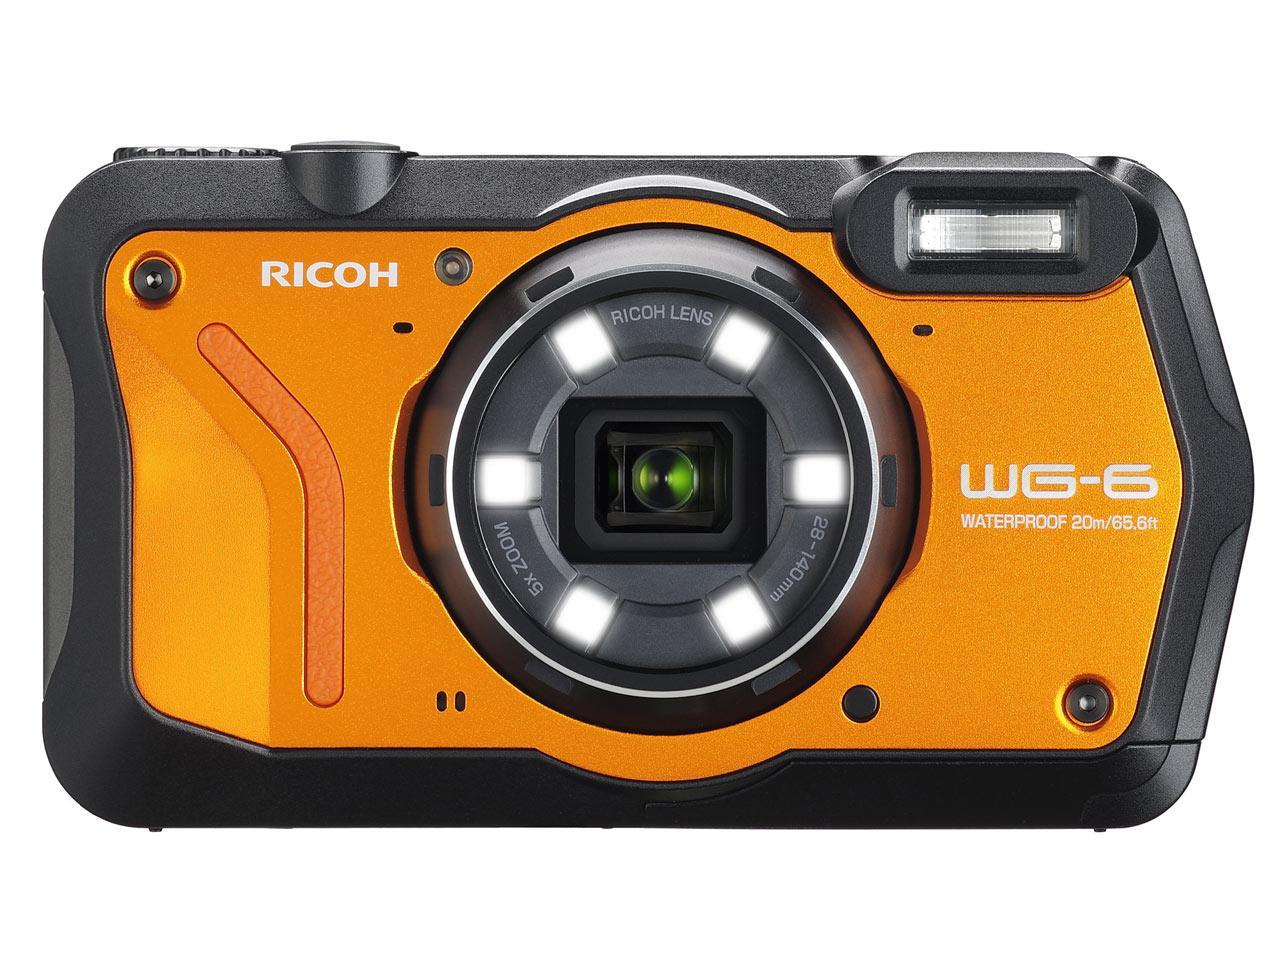 新品 防水デジタルカメラ WG-6 WG-6OR(WG-6OR) (オレンジ) WG-6 WG-6OR(WG-6OR), ヒラタムラ:d7dbe926 --- dibranet.com